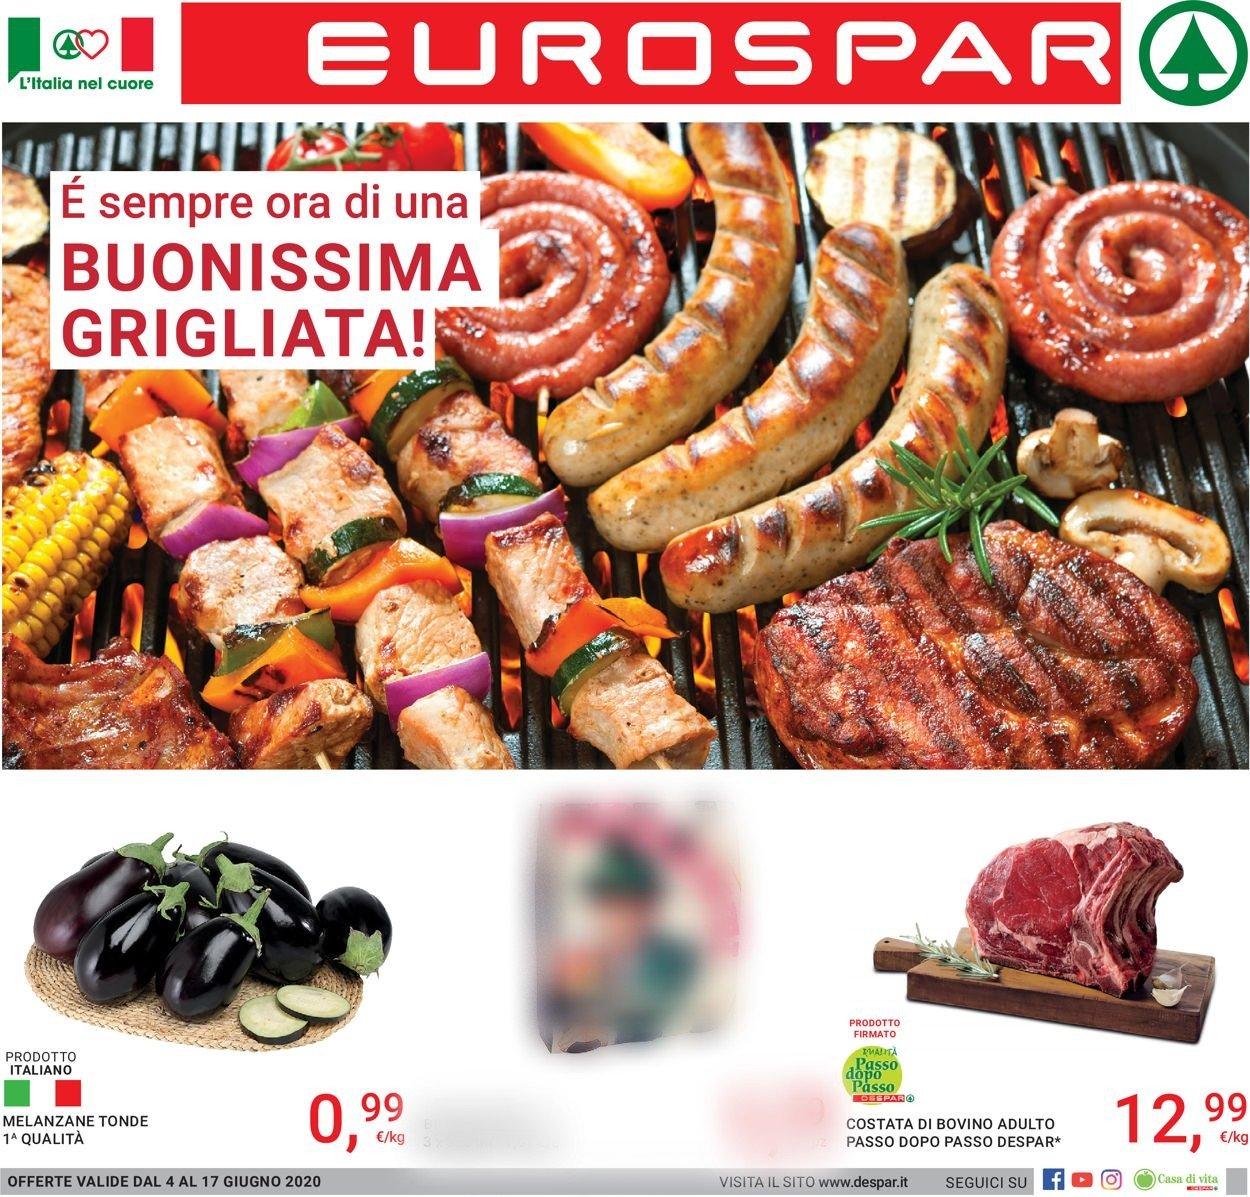 Volantino Eurospar - Offerte 04/06-17/06/2020